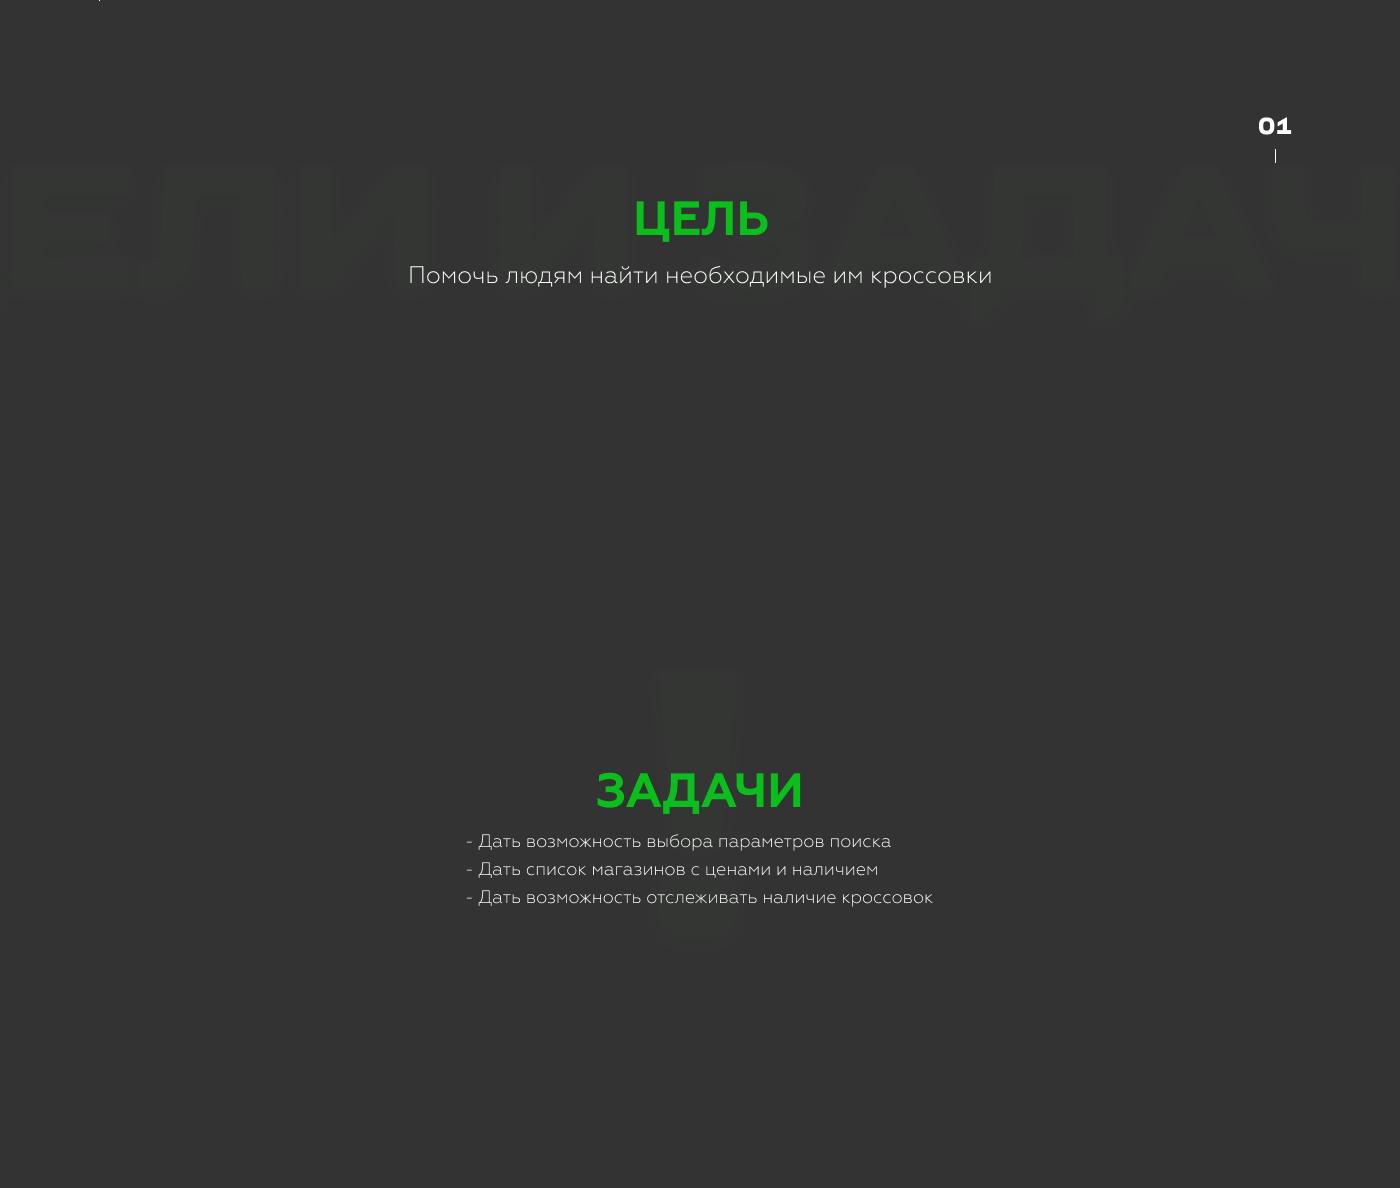 ux UI ux/ui sneakers design приложение дизайн кроссовки дизайн интерфейса интерфейс